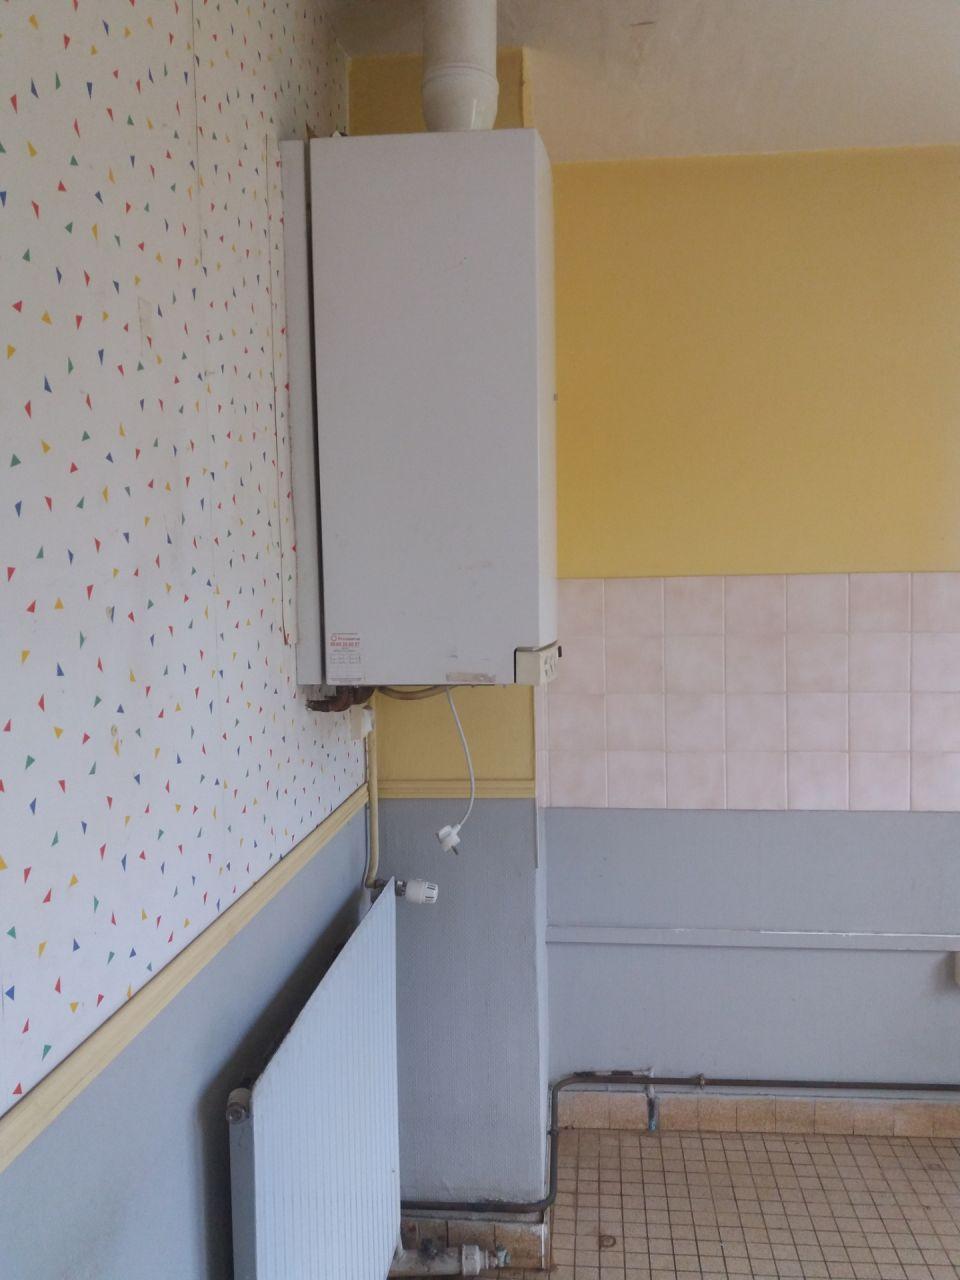 cuisine actuellement - l'emplacement de la chaudière restera le même, le radiateur lui va être déplacé dans le couloir ou retiré